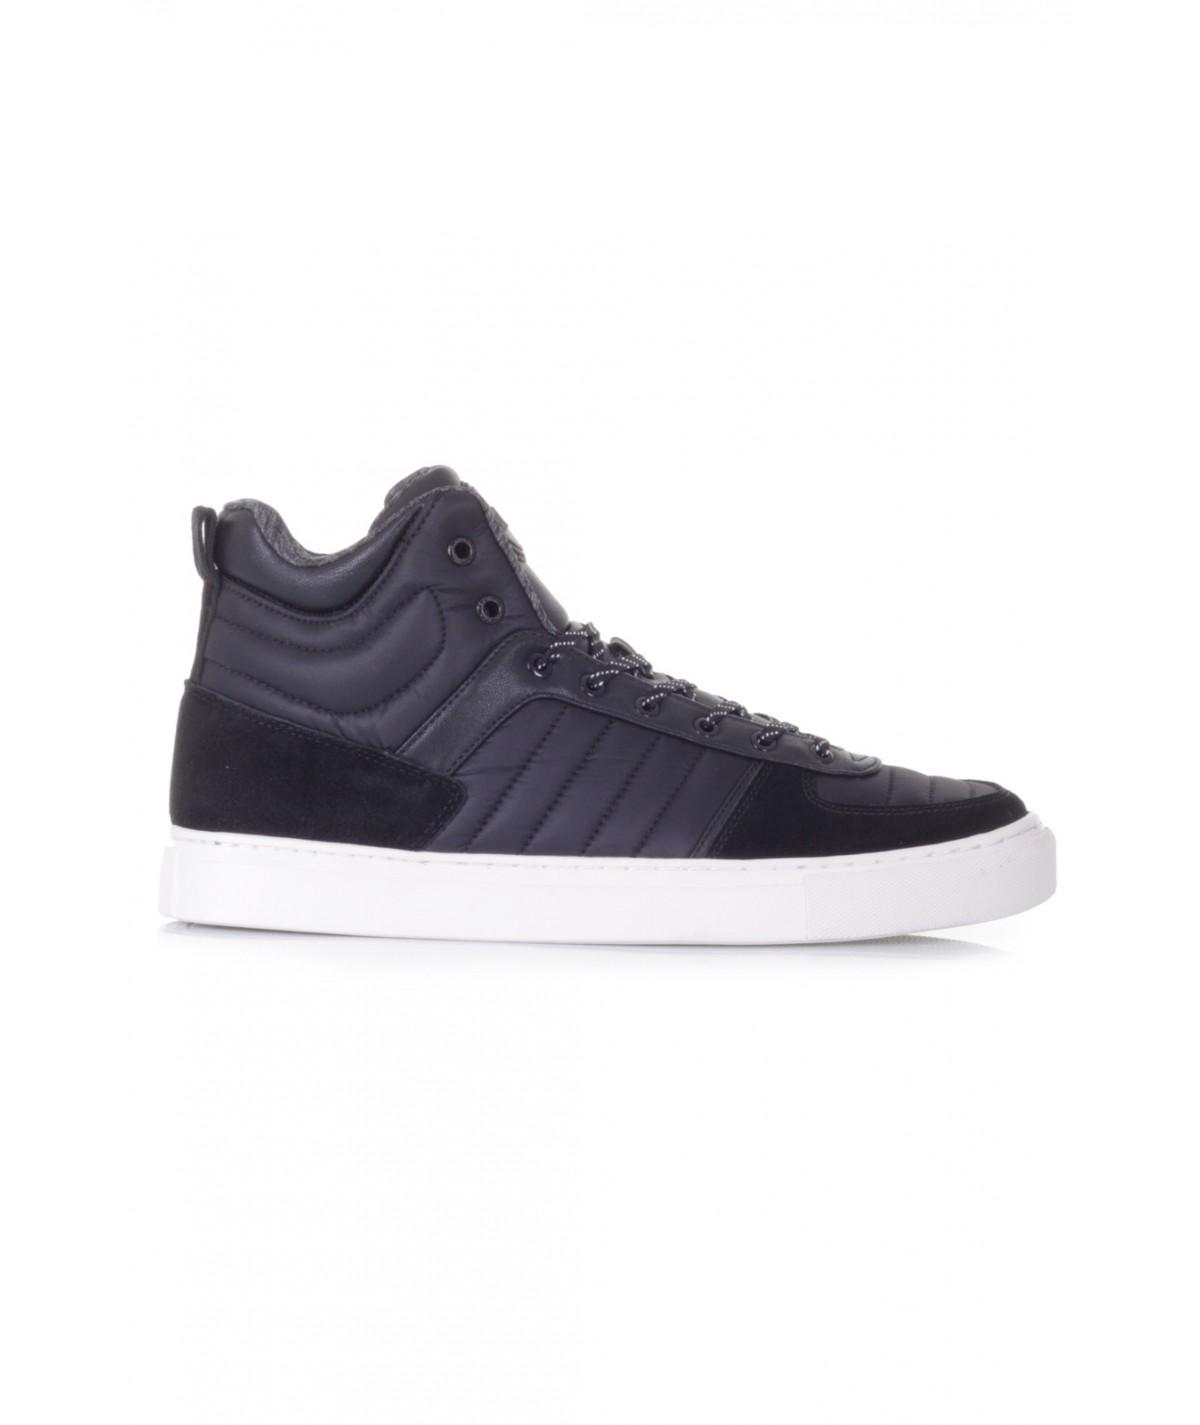 COLMAR Sneakers Uomo